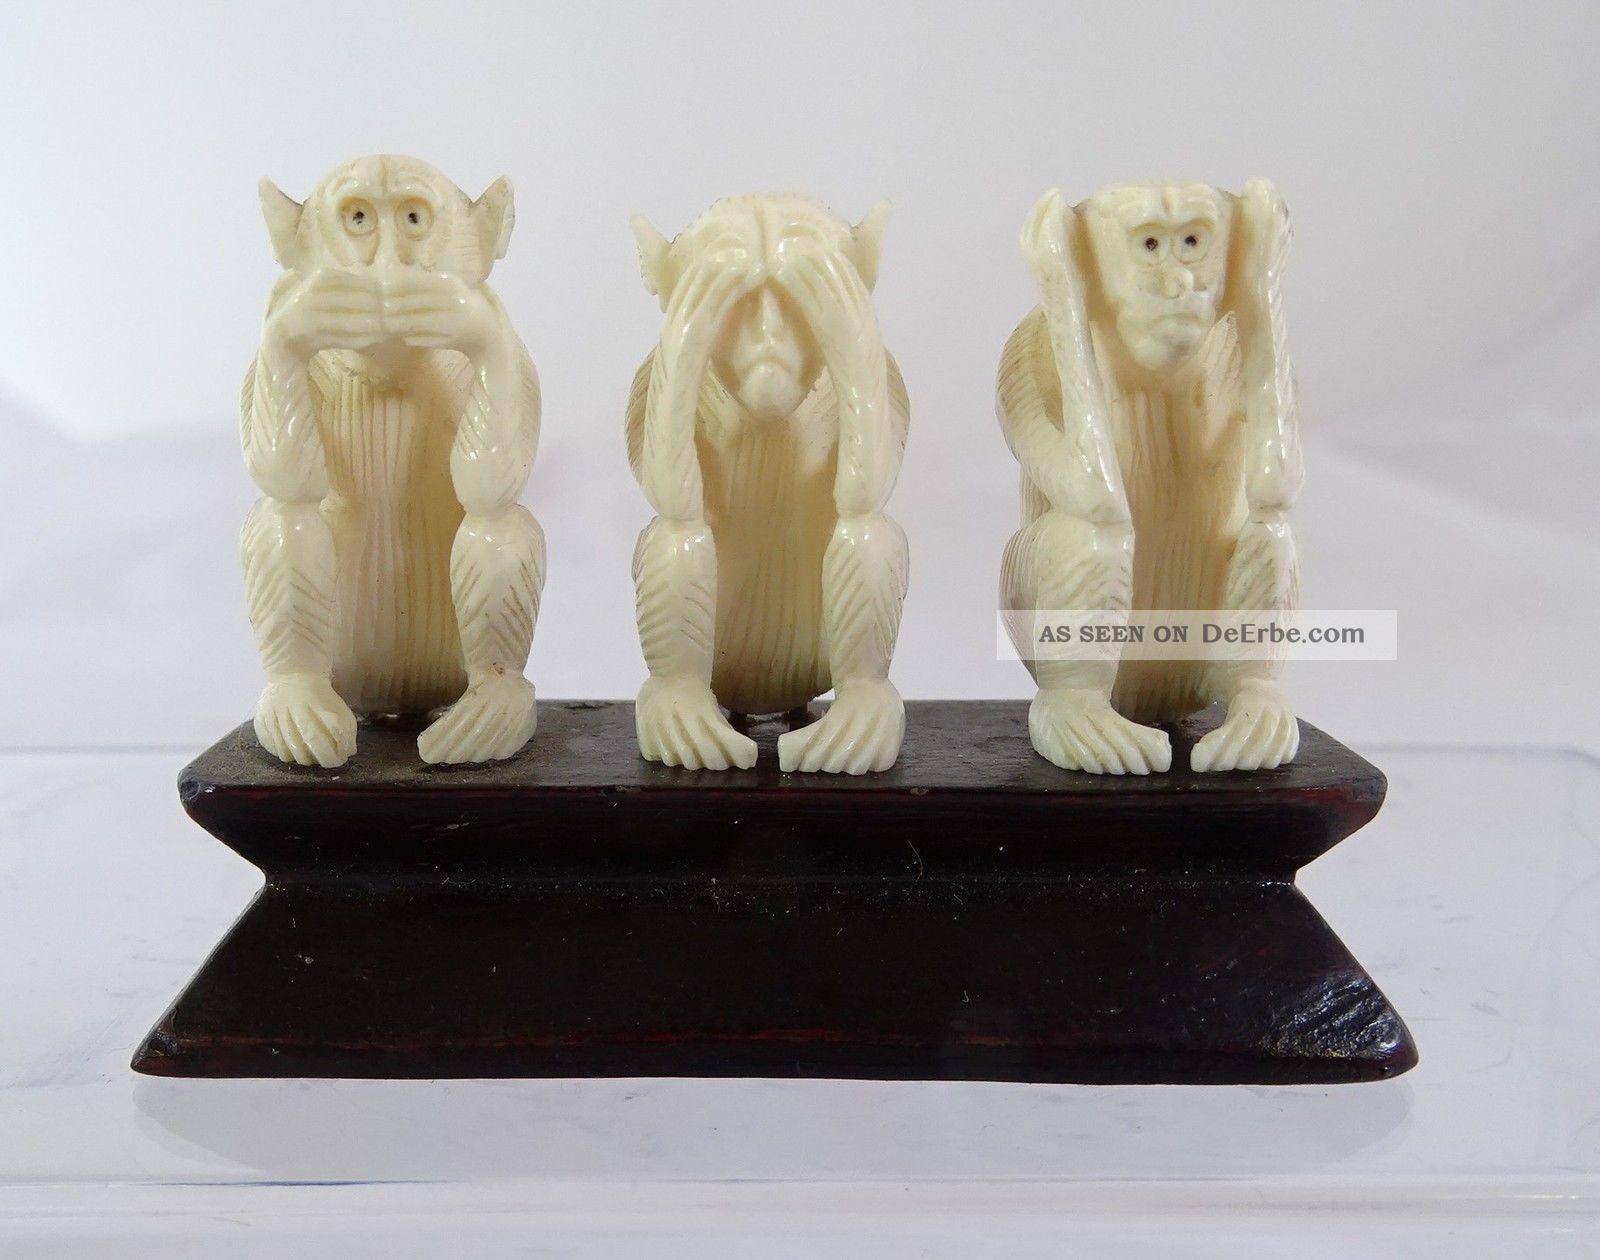 3 Affen Nichts Hören Sehen Sprechen Bein Handarbeit Auf Holzsockel Beinarbeiten Bild